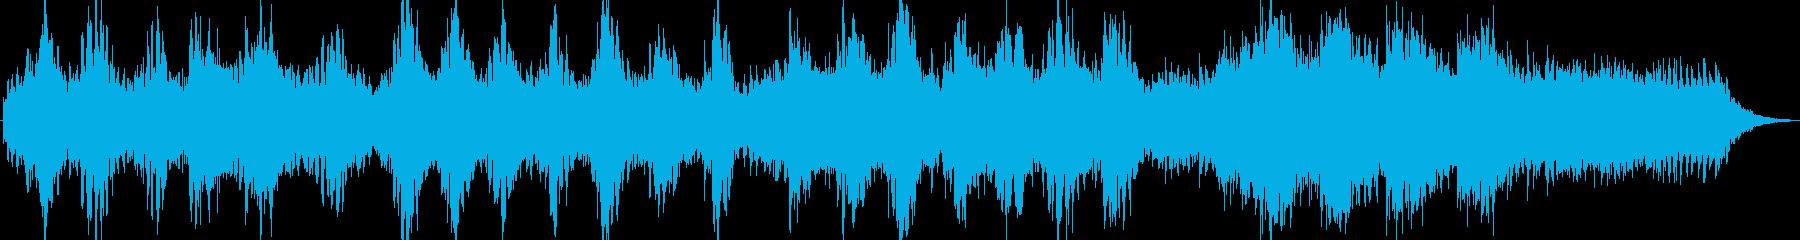 水族館用、アクアリウム用の春に合うBGMの再生済みの波形